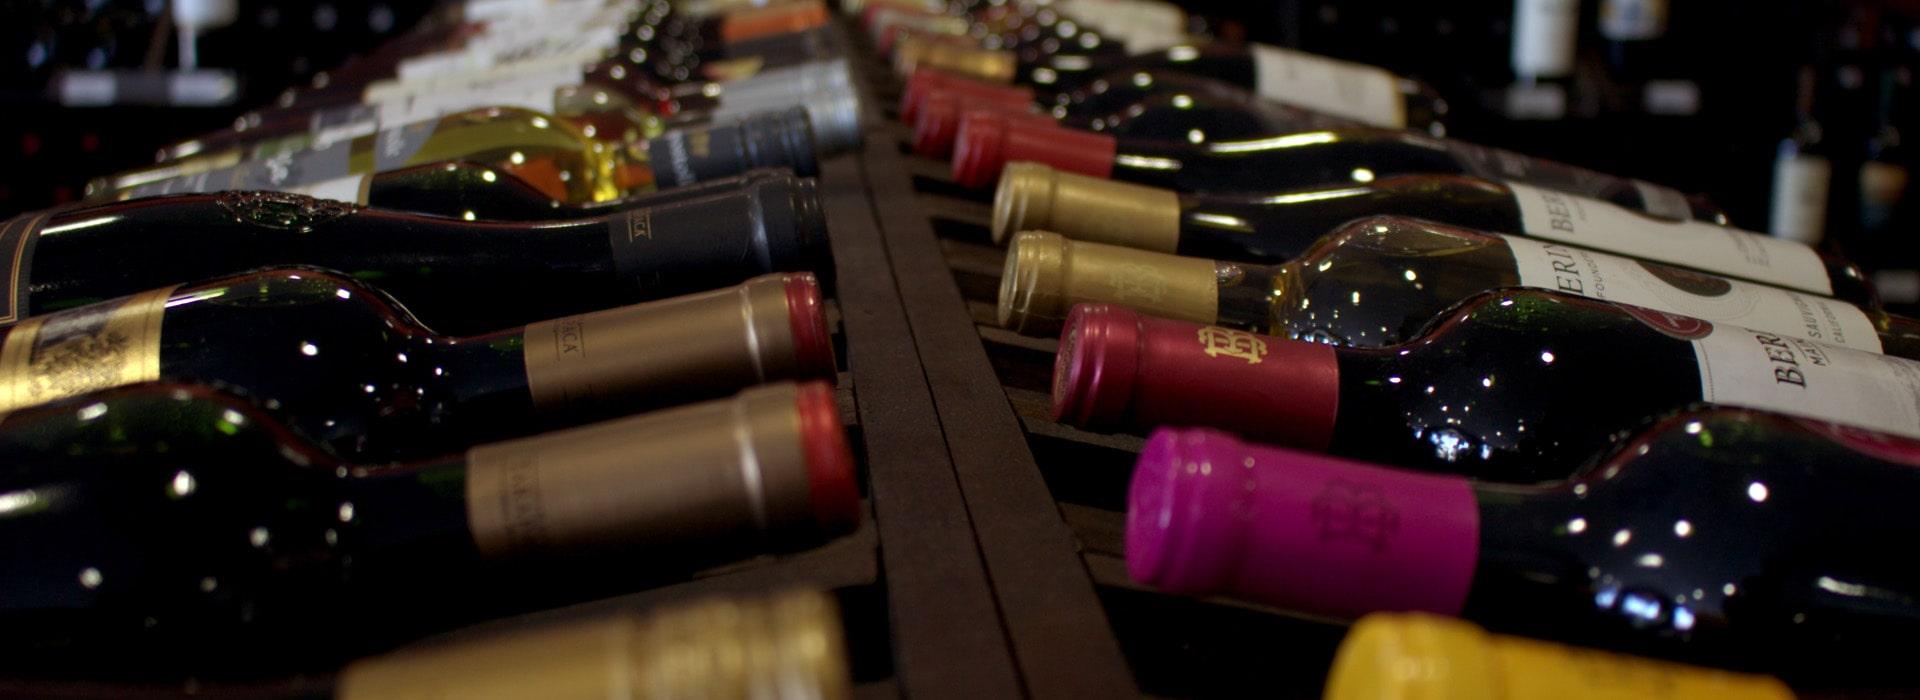 maridaje-perfecto-el-vino-y-el-branding